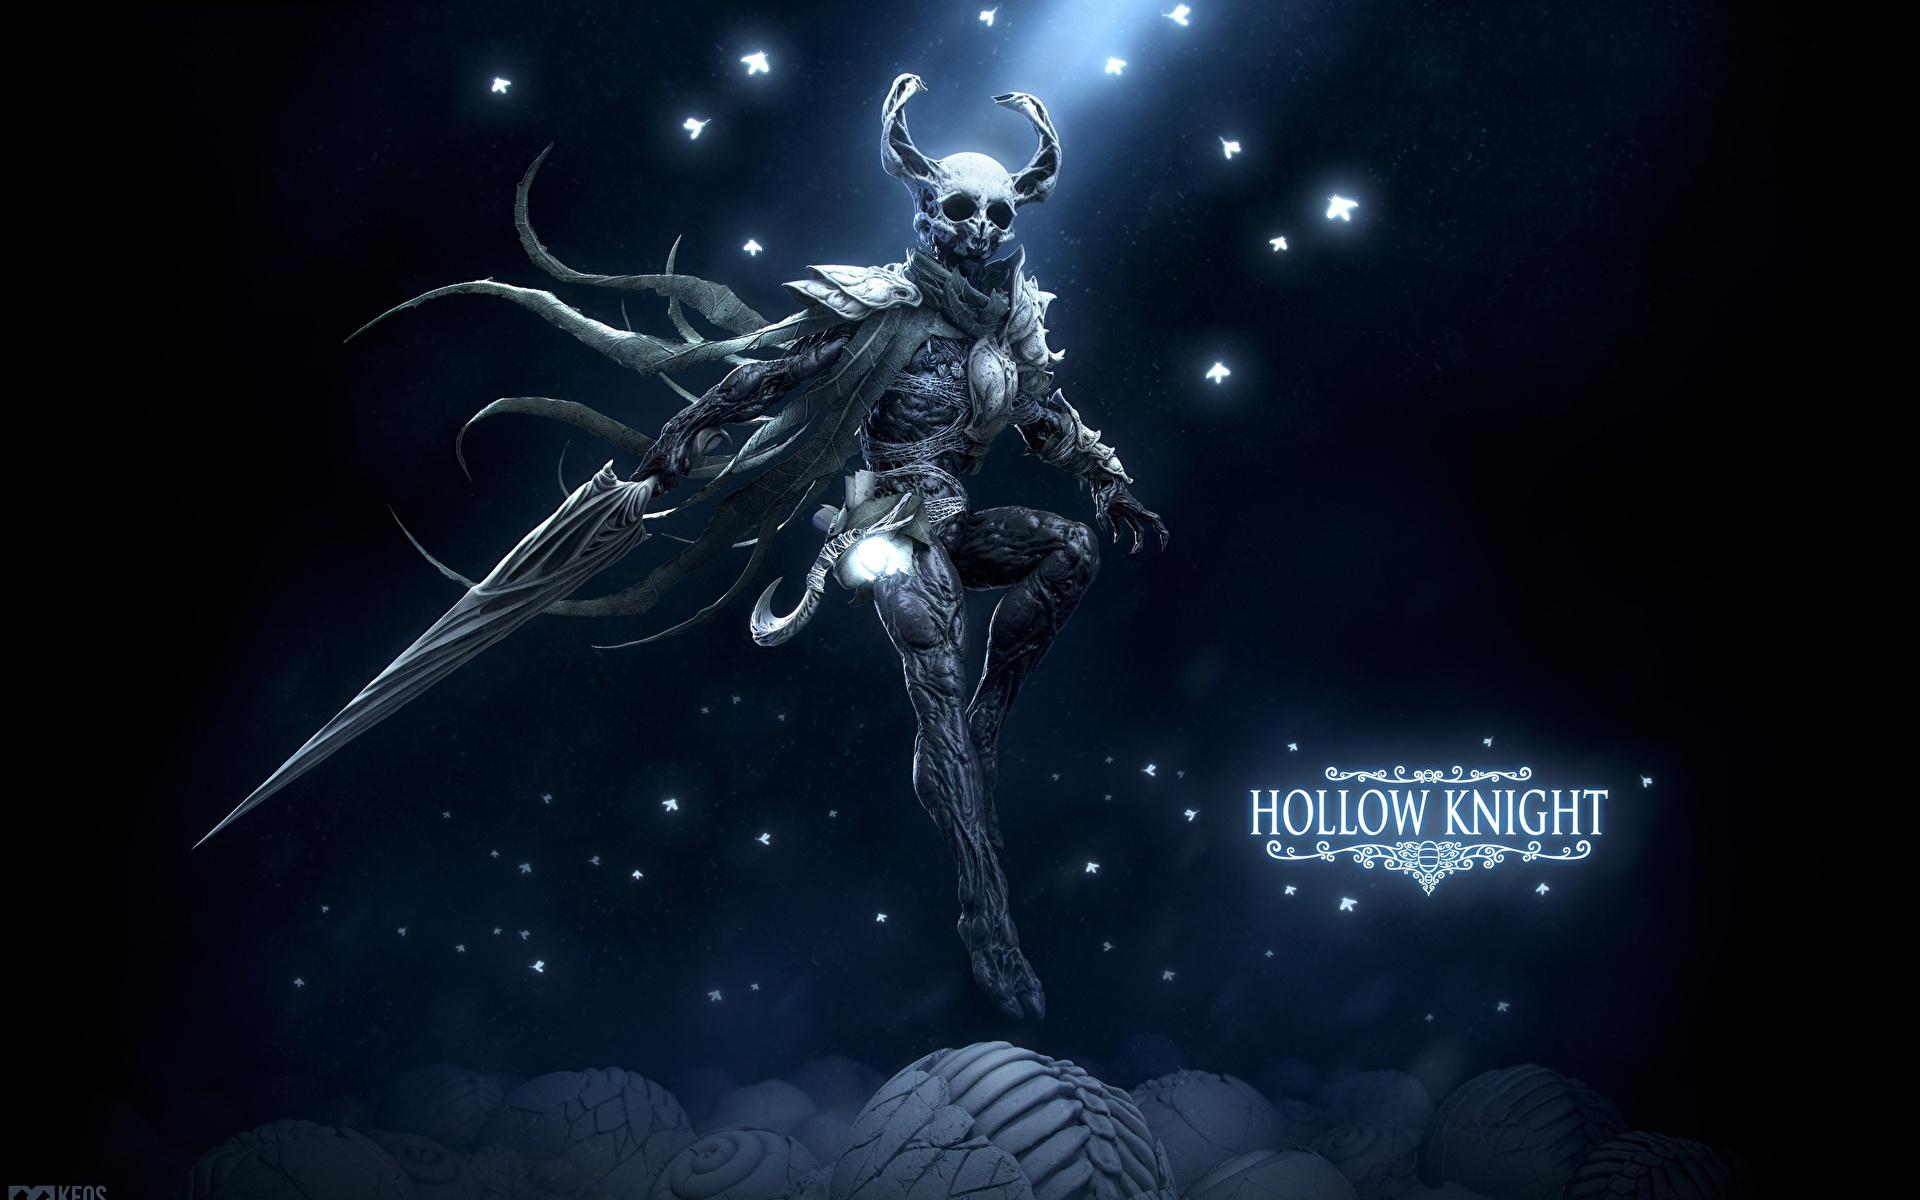 Обои для рабочего стола меча Воители Рога Hollow Knight, Keos Masons Игры 1920x1200 меч Мечи с мечом воин воины с рогами компьютерная игра